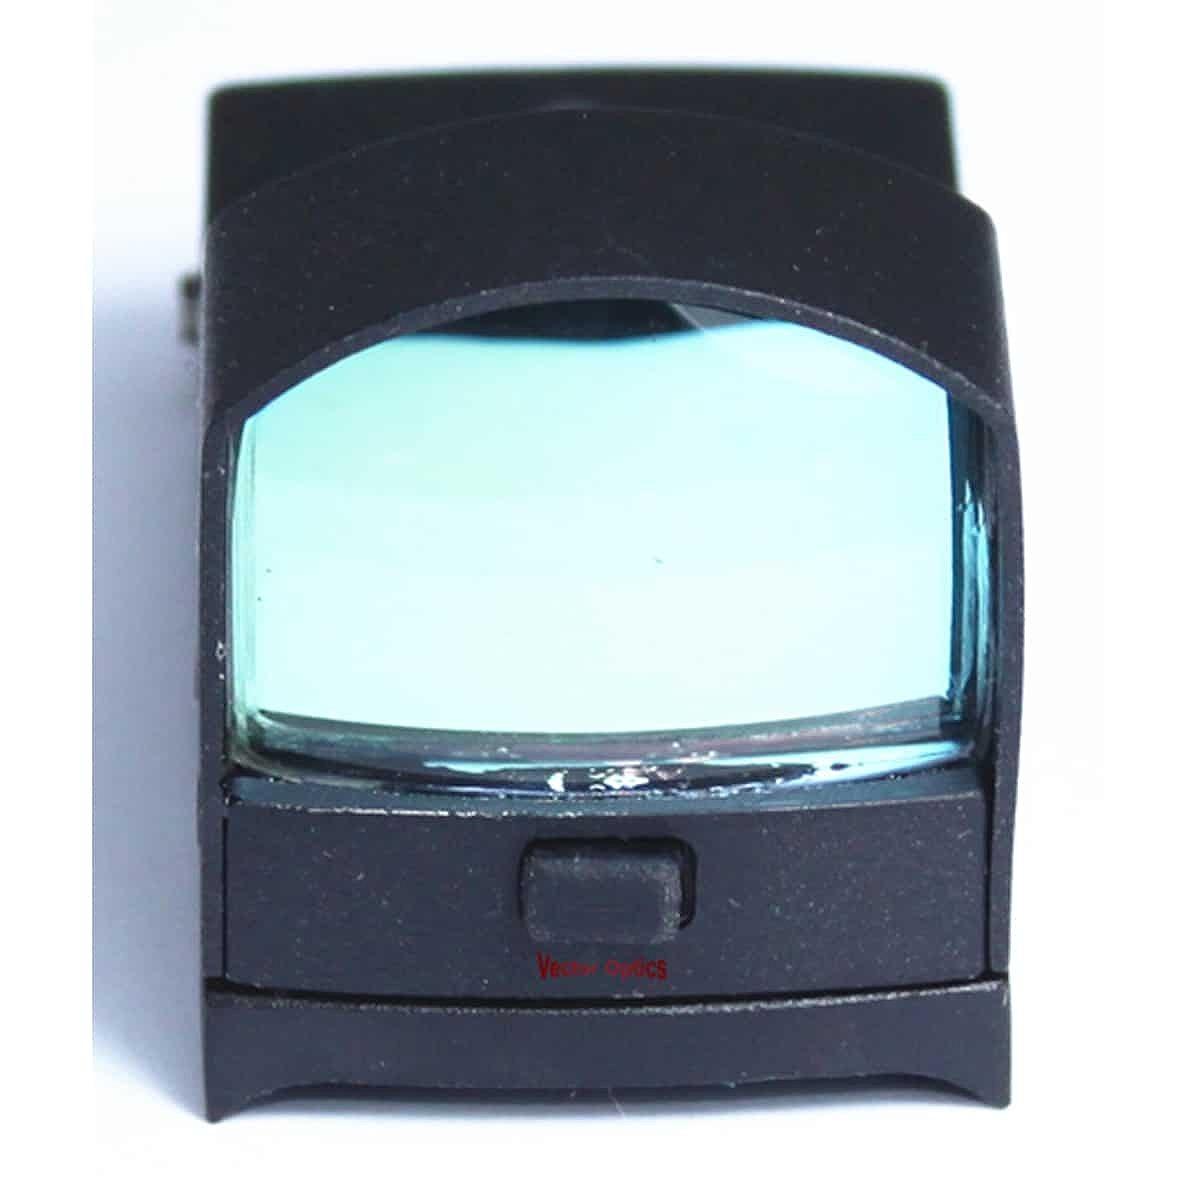 ベクターオプティクス ドットサイトマウント GLOCK Mount Base  Vector Optics SCRDM-01